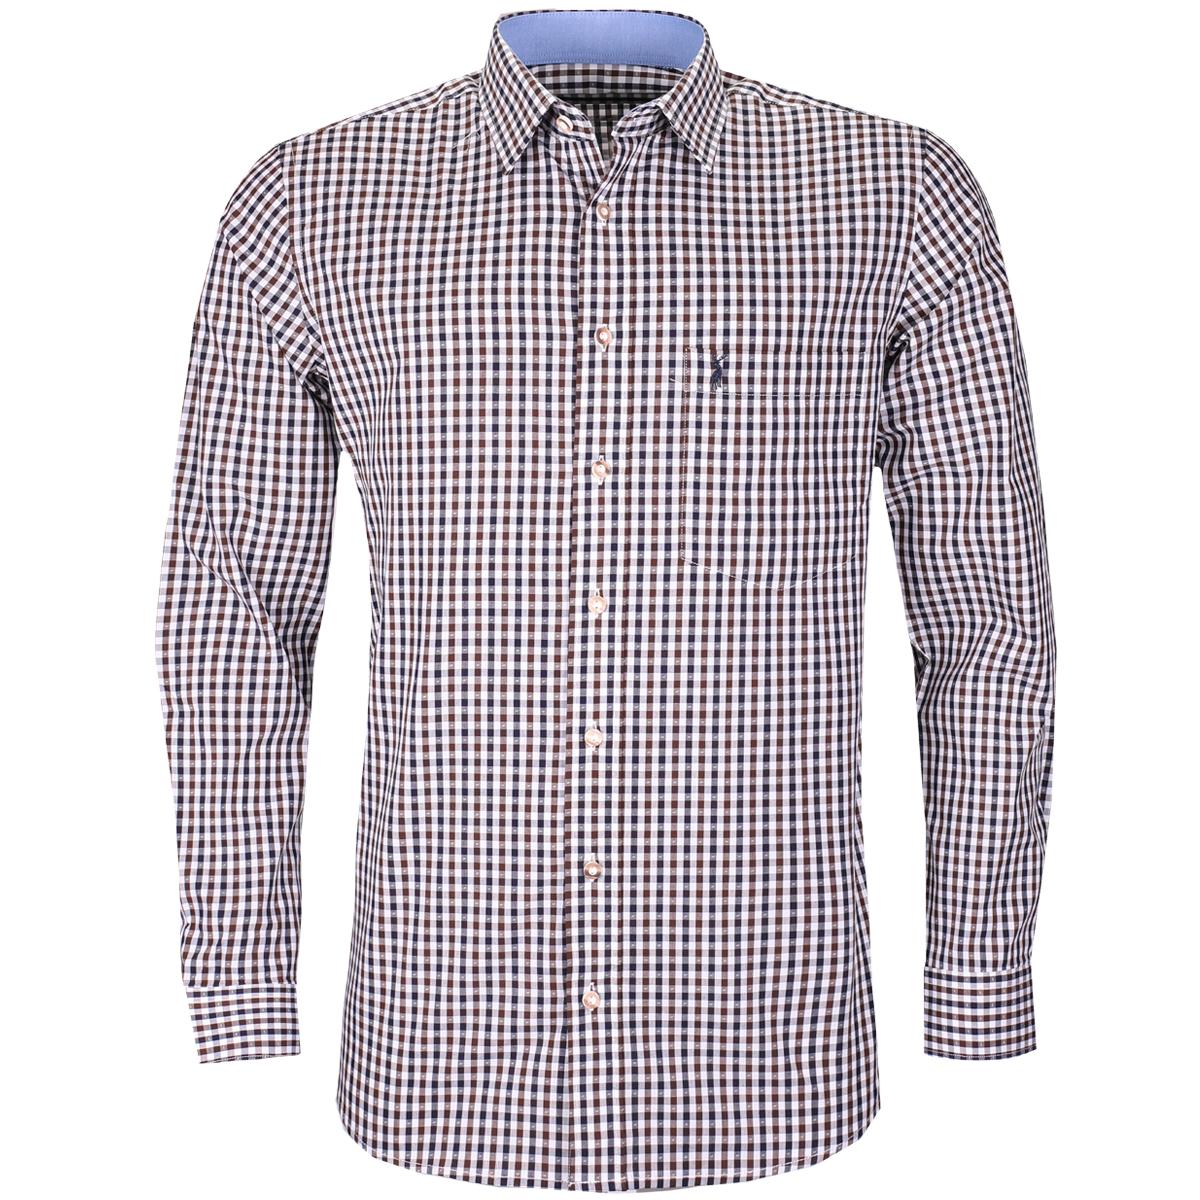 Trachtenhemd Tino Regular Fit zweifarbig in Blau und Braun von Almsach günstig online kaufen